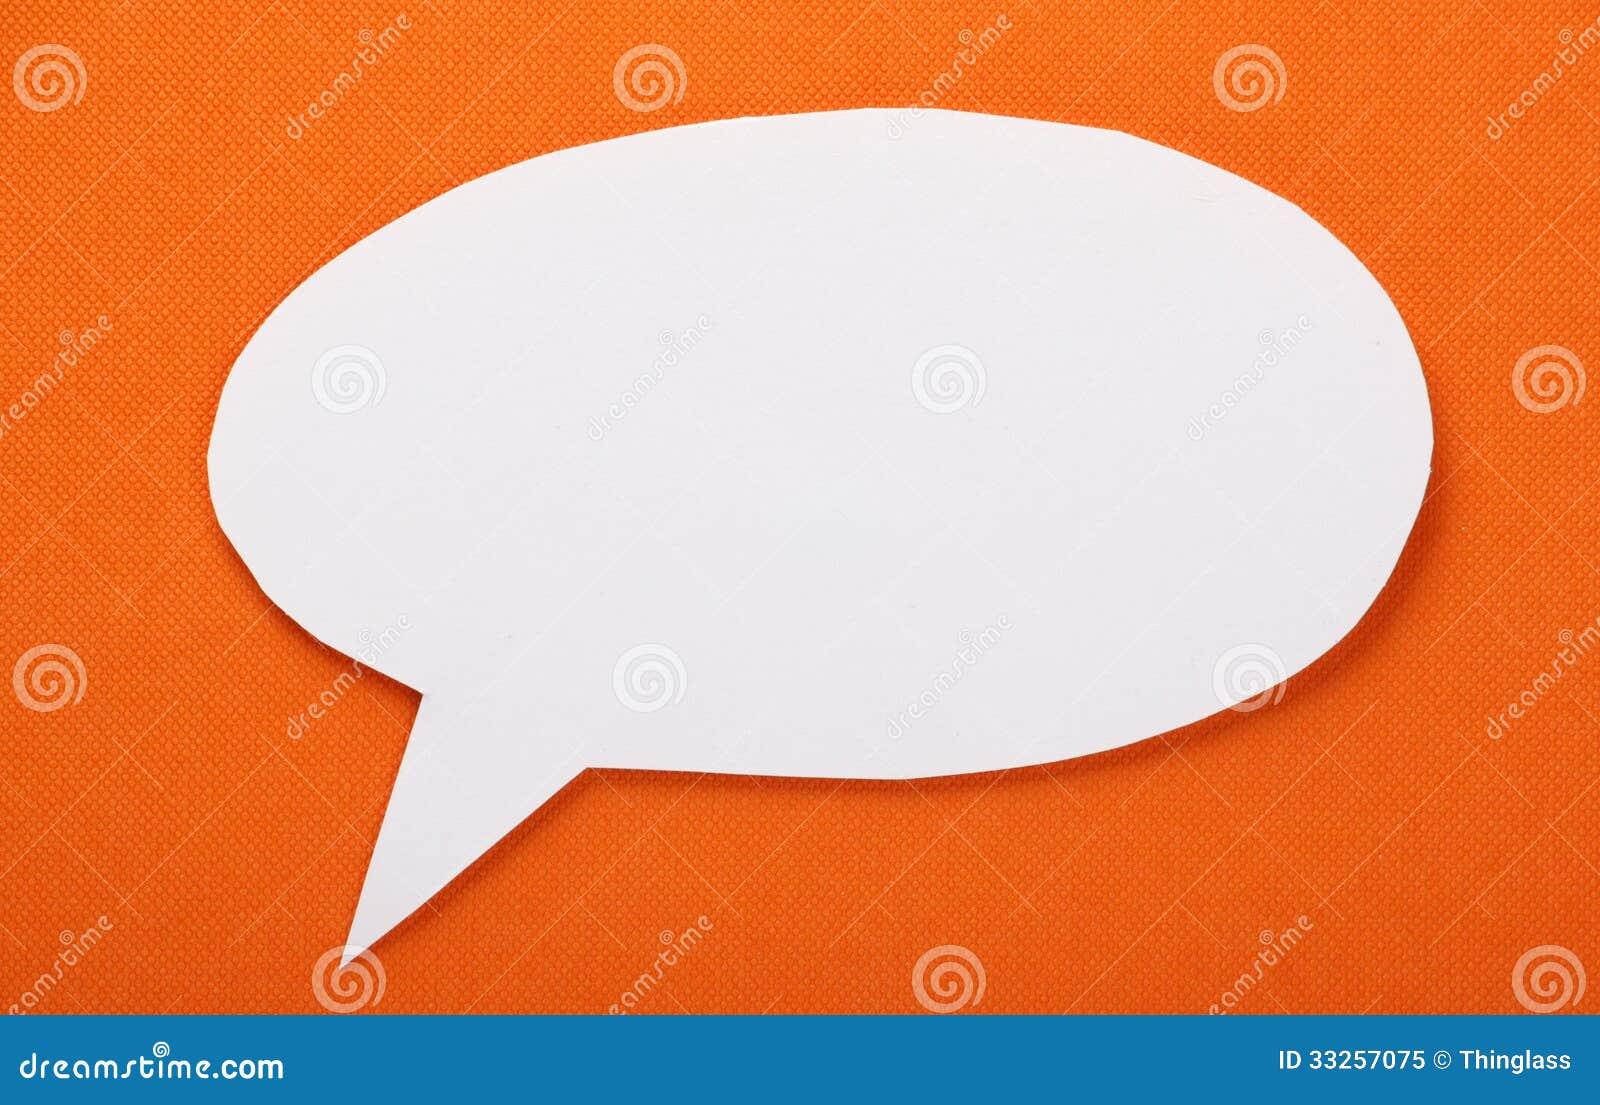 Talking paper